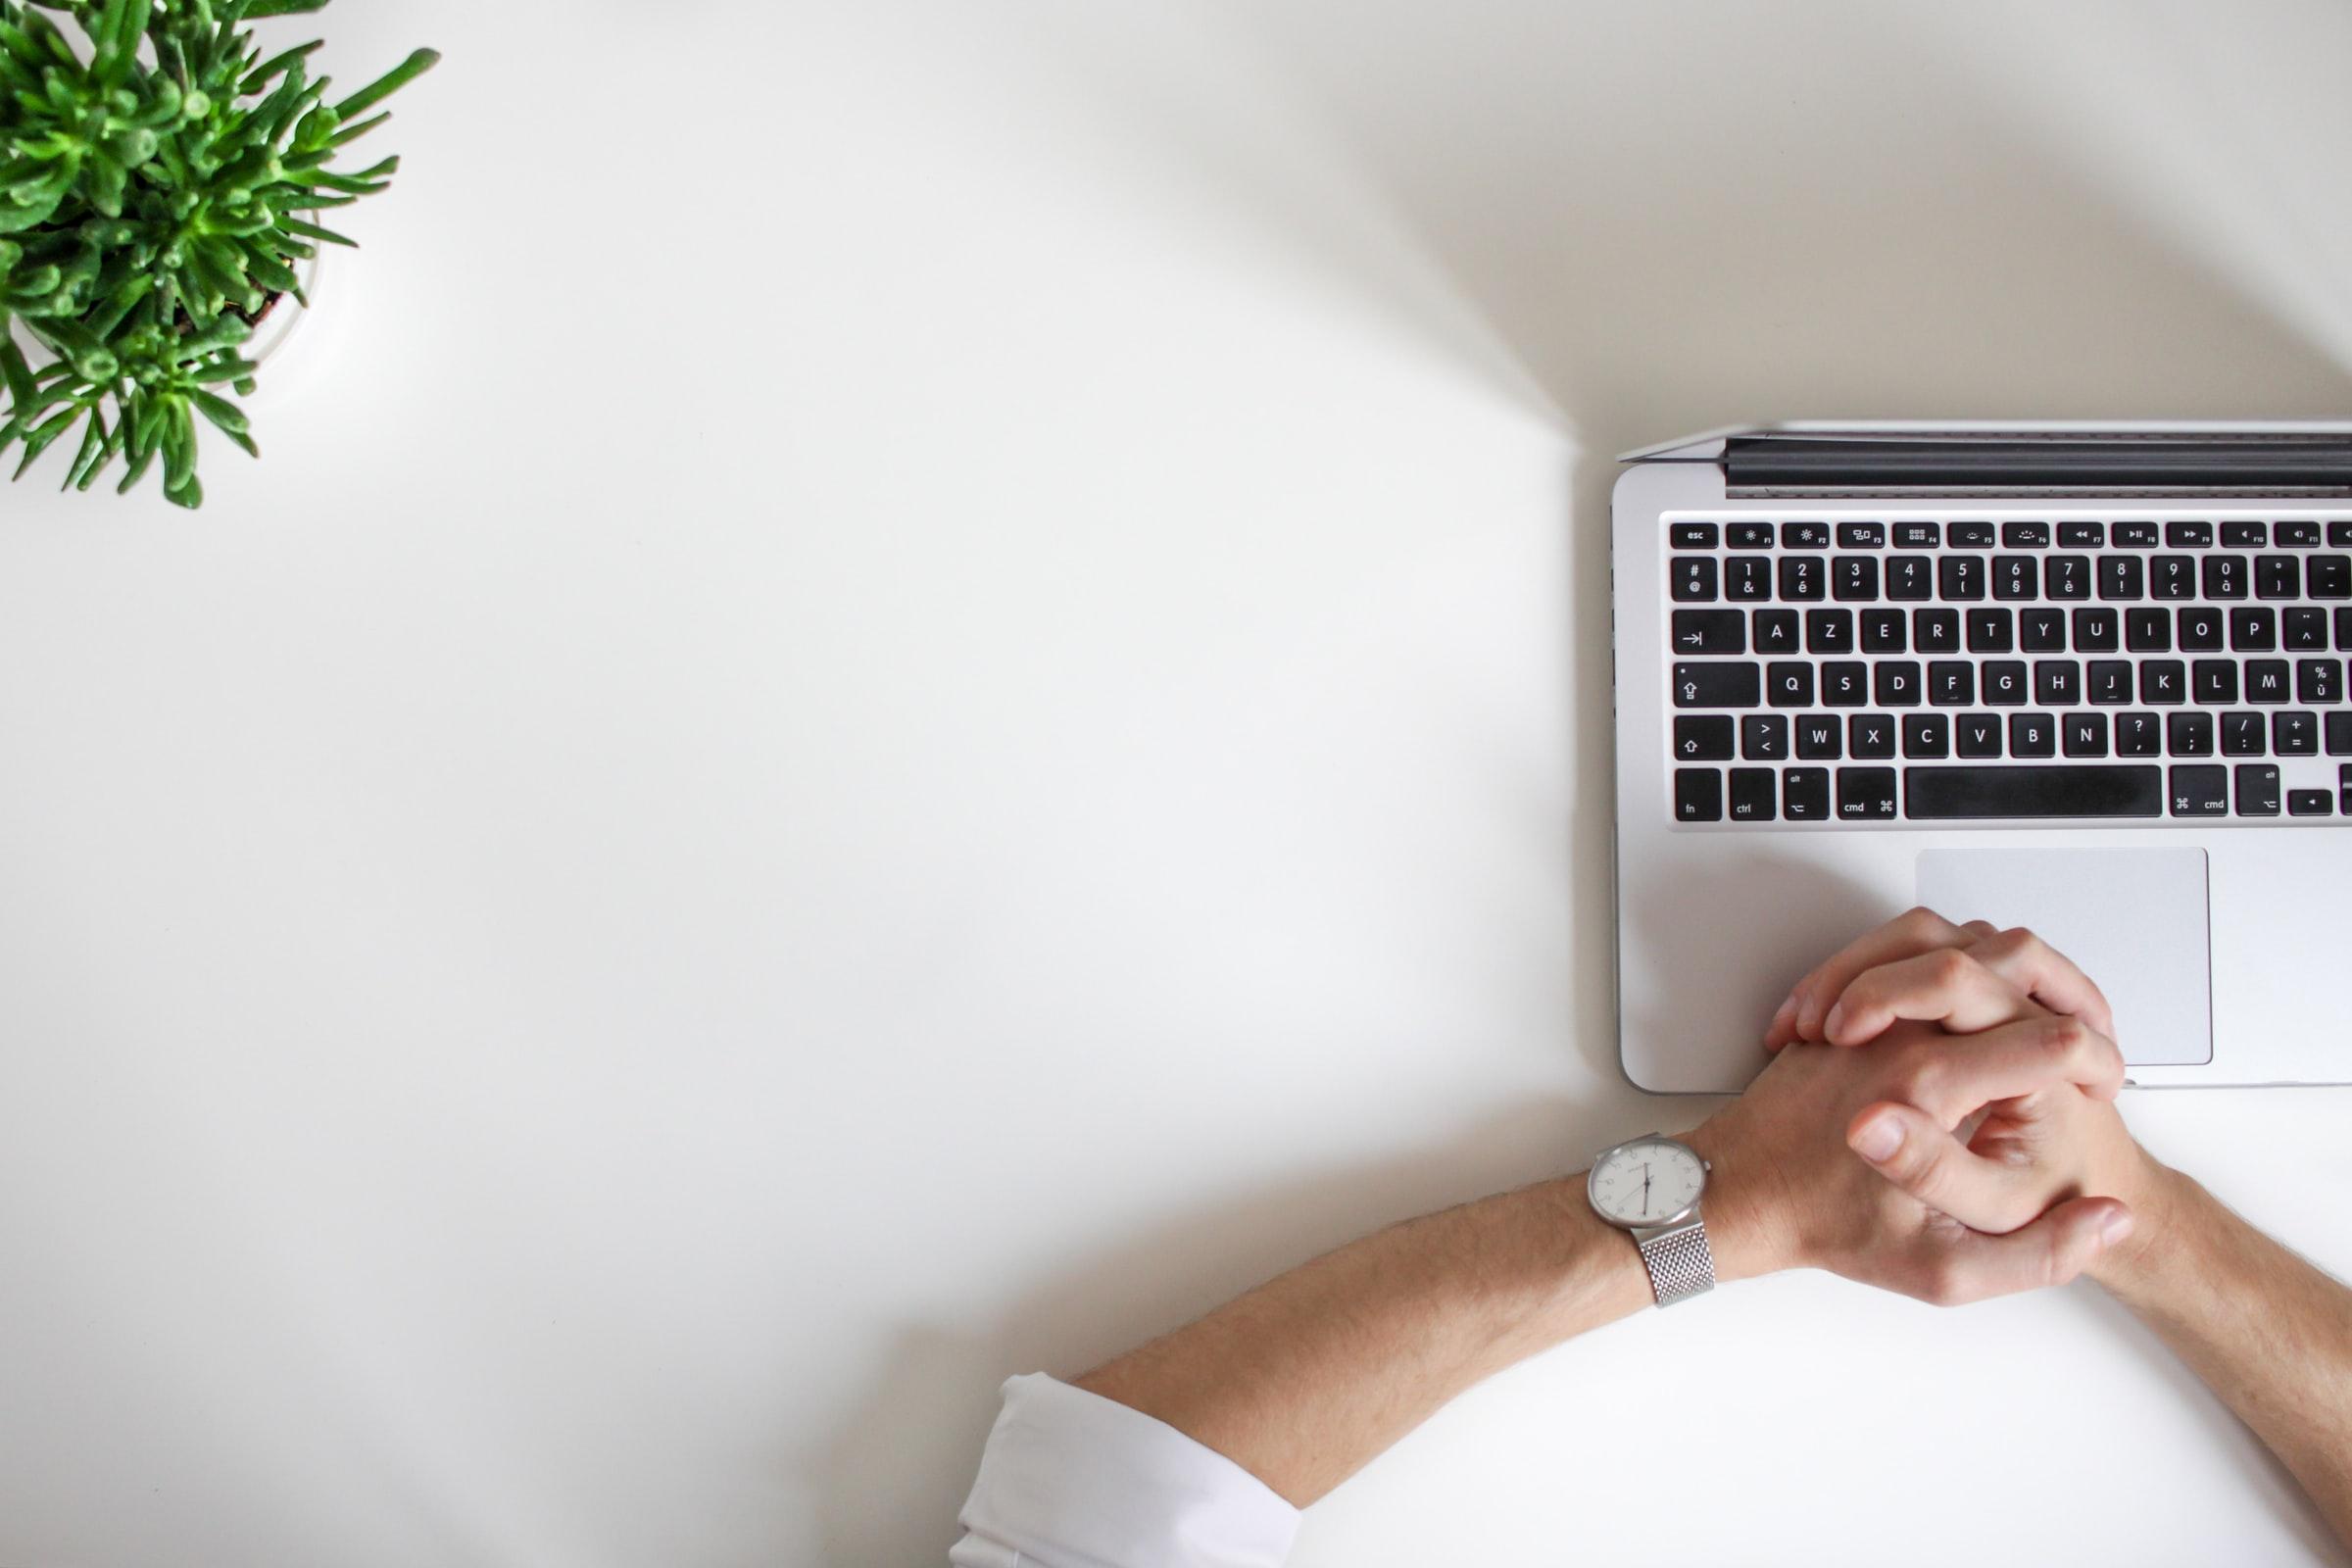 hr burnout - hands folded at a desk